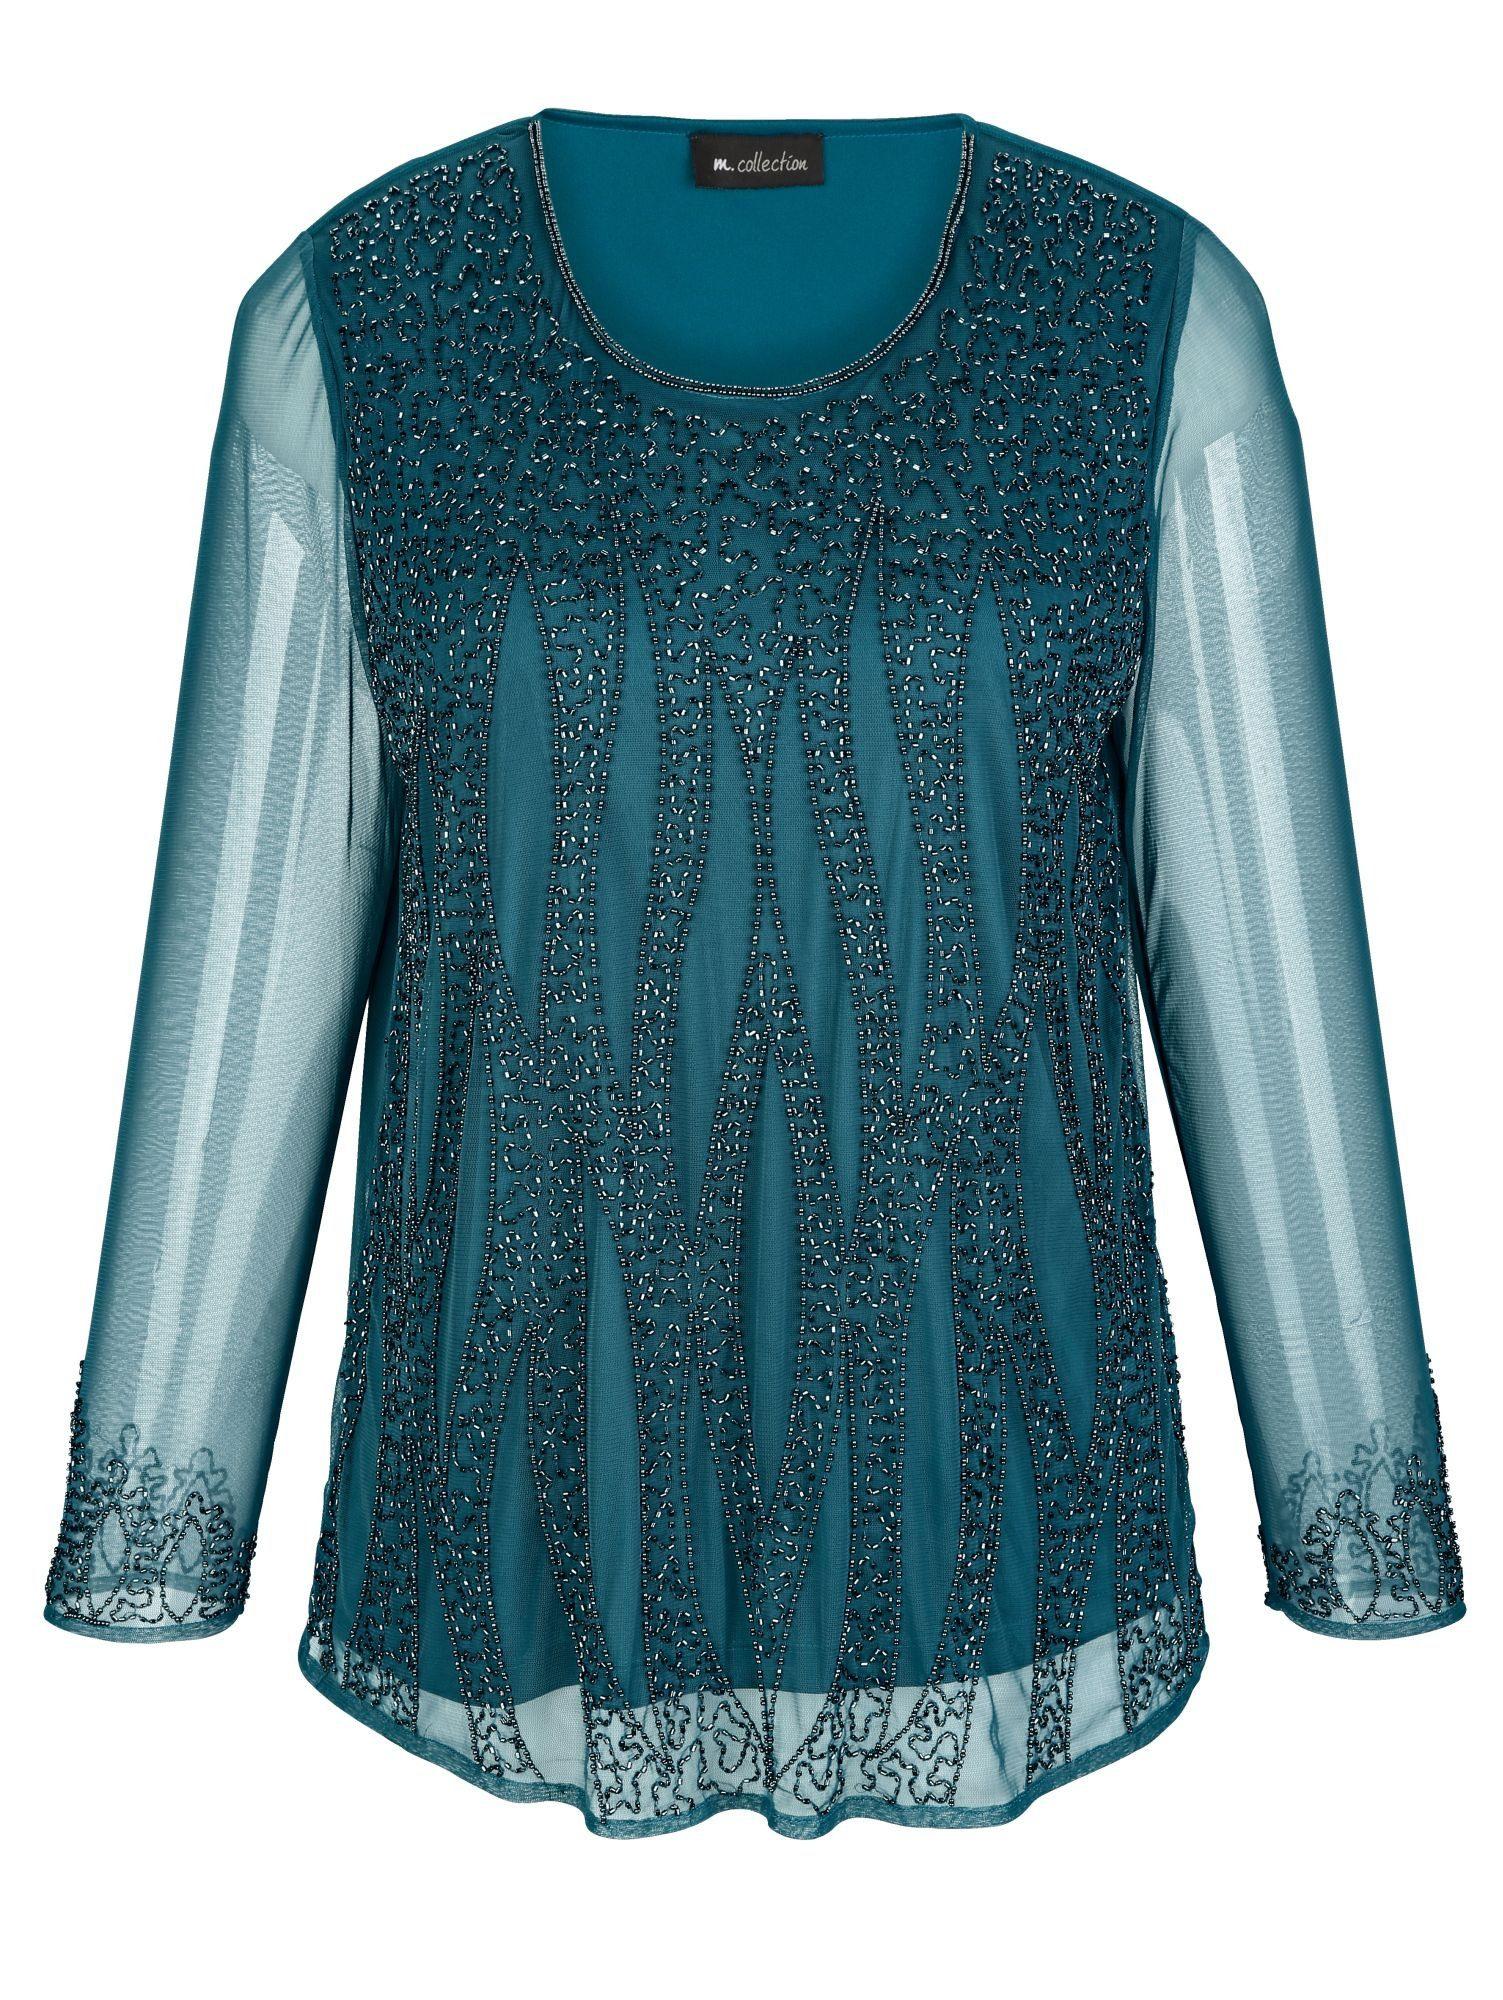 Kaufen Aufwendig Mit Shirt Verziert Online Dekosteinchen MCollection QdrxhtsC